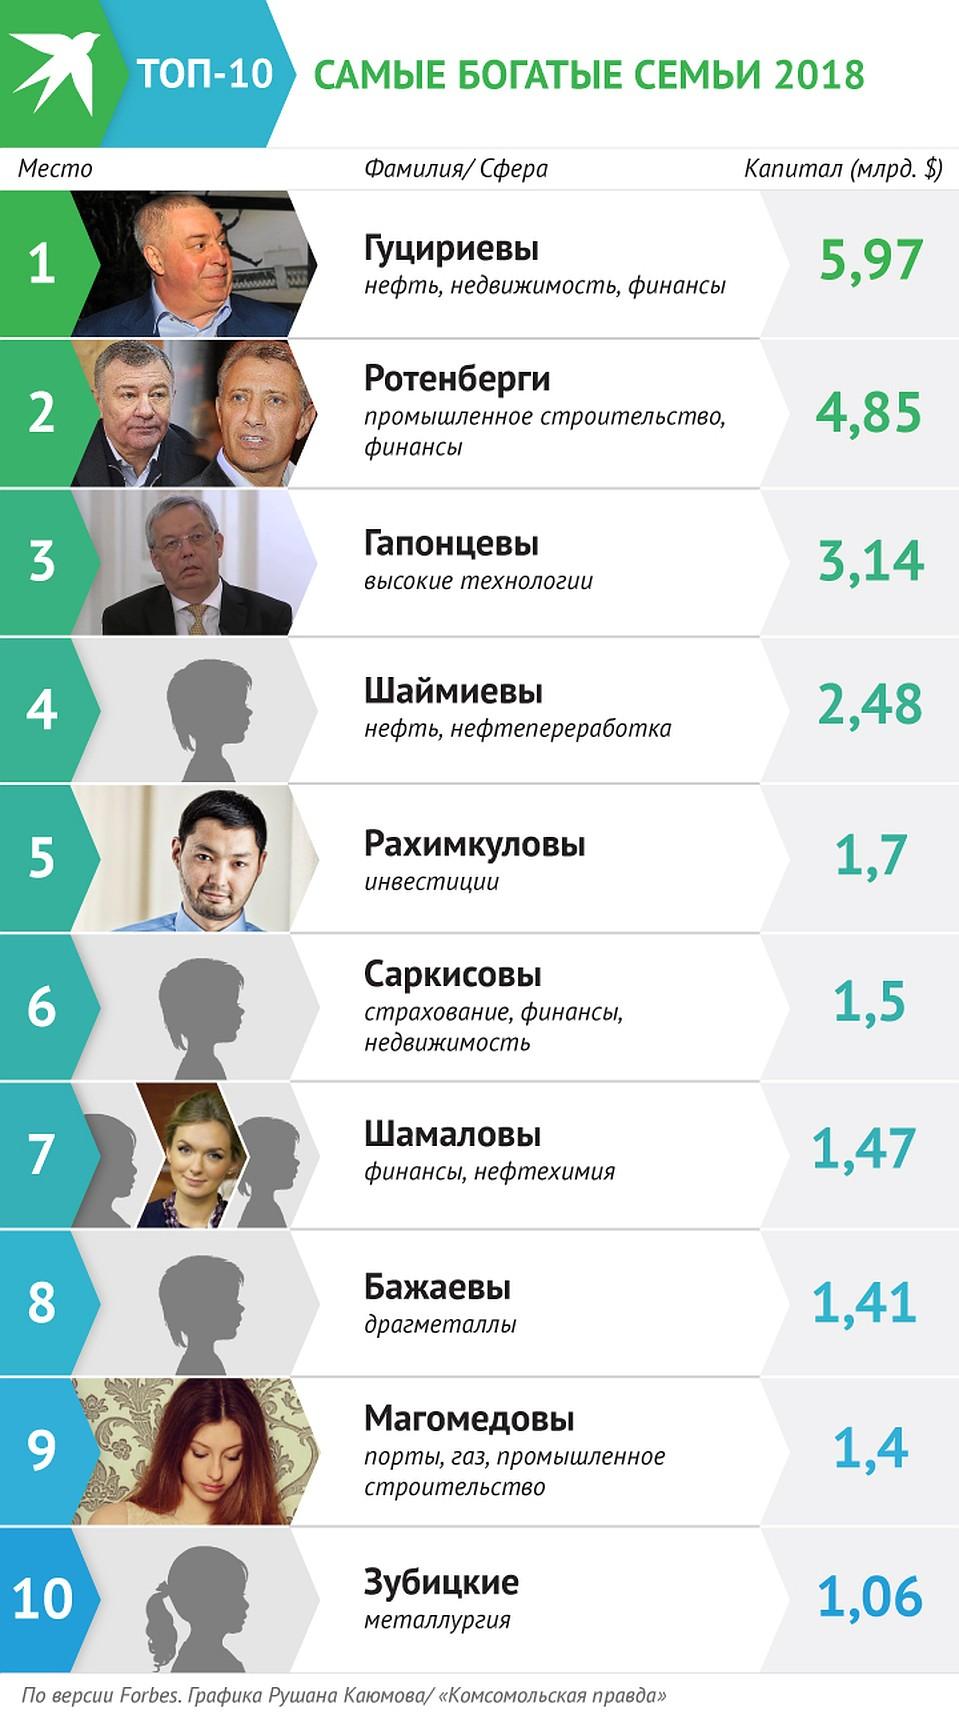 Кто занимает первое место в списке форбс